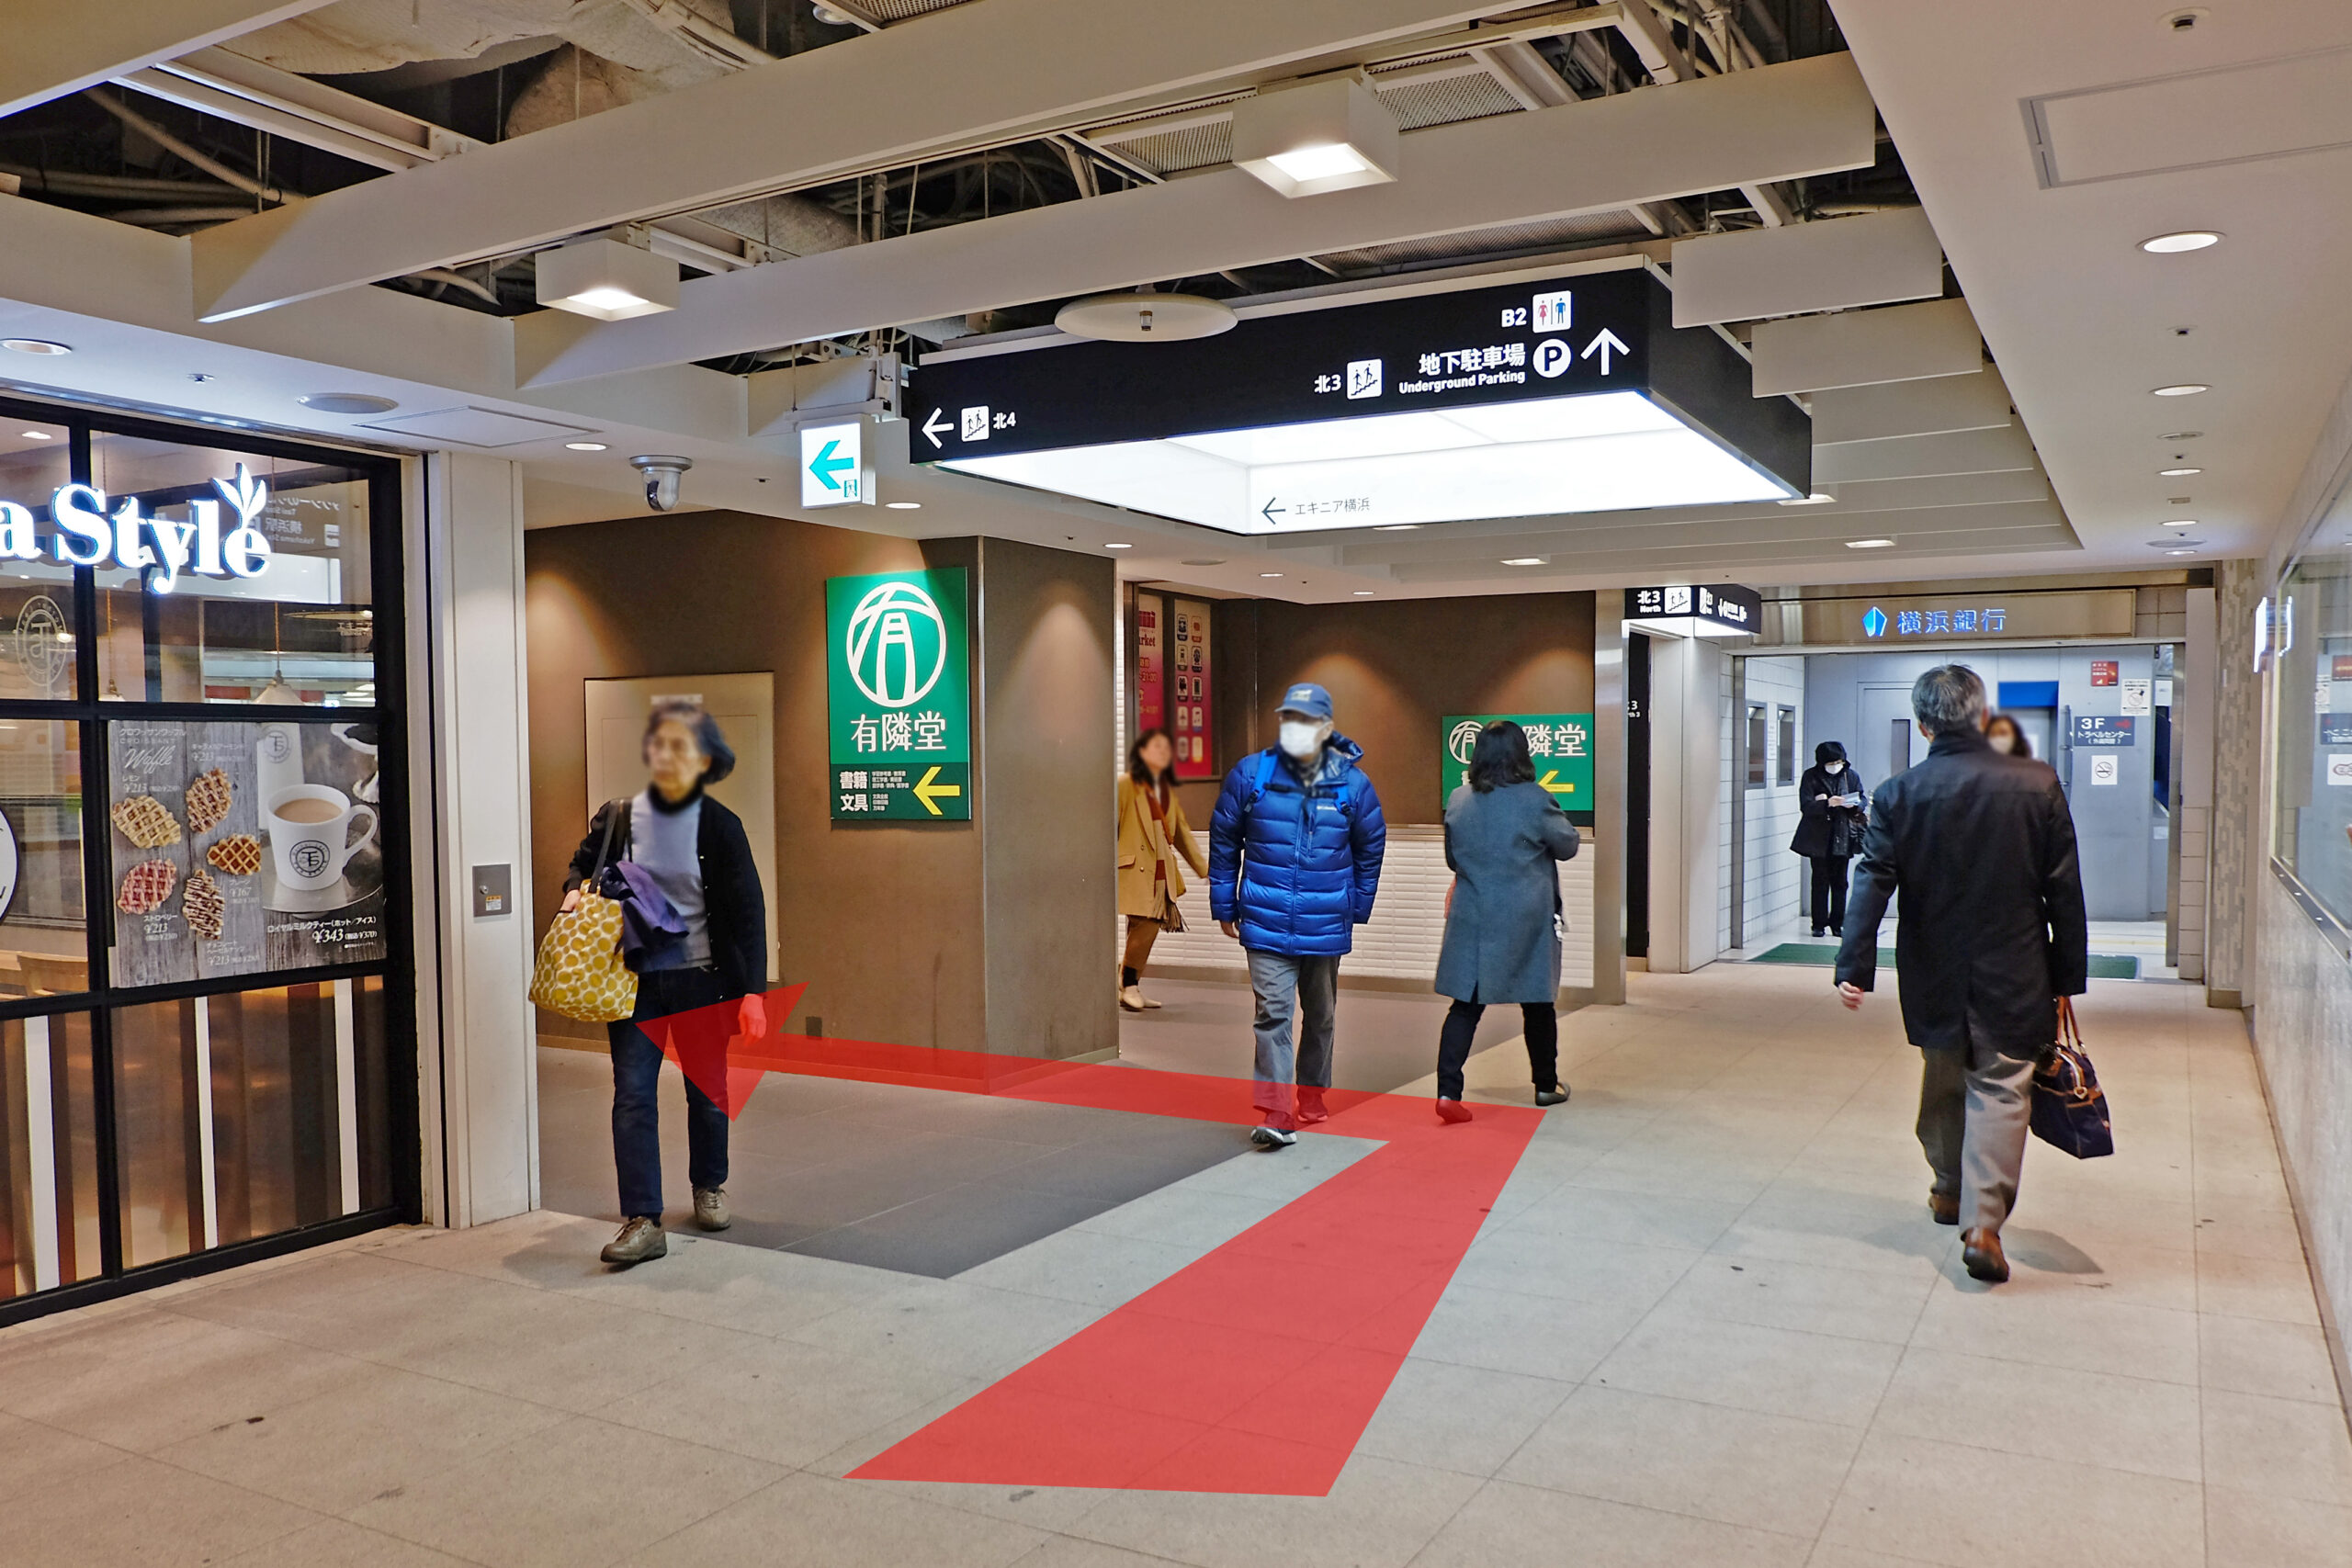 突き当たりに「横浜銀行」がある地点を道なりに左へ進みます。